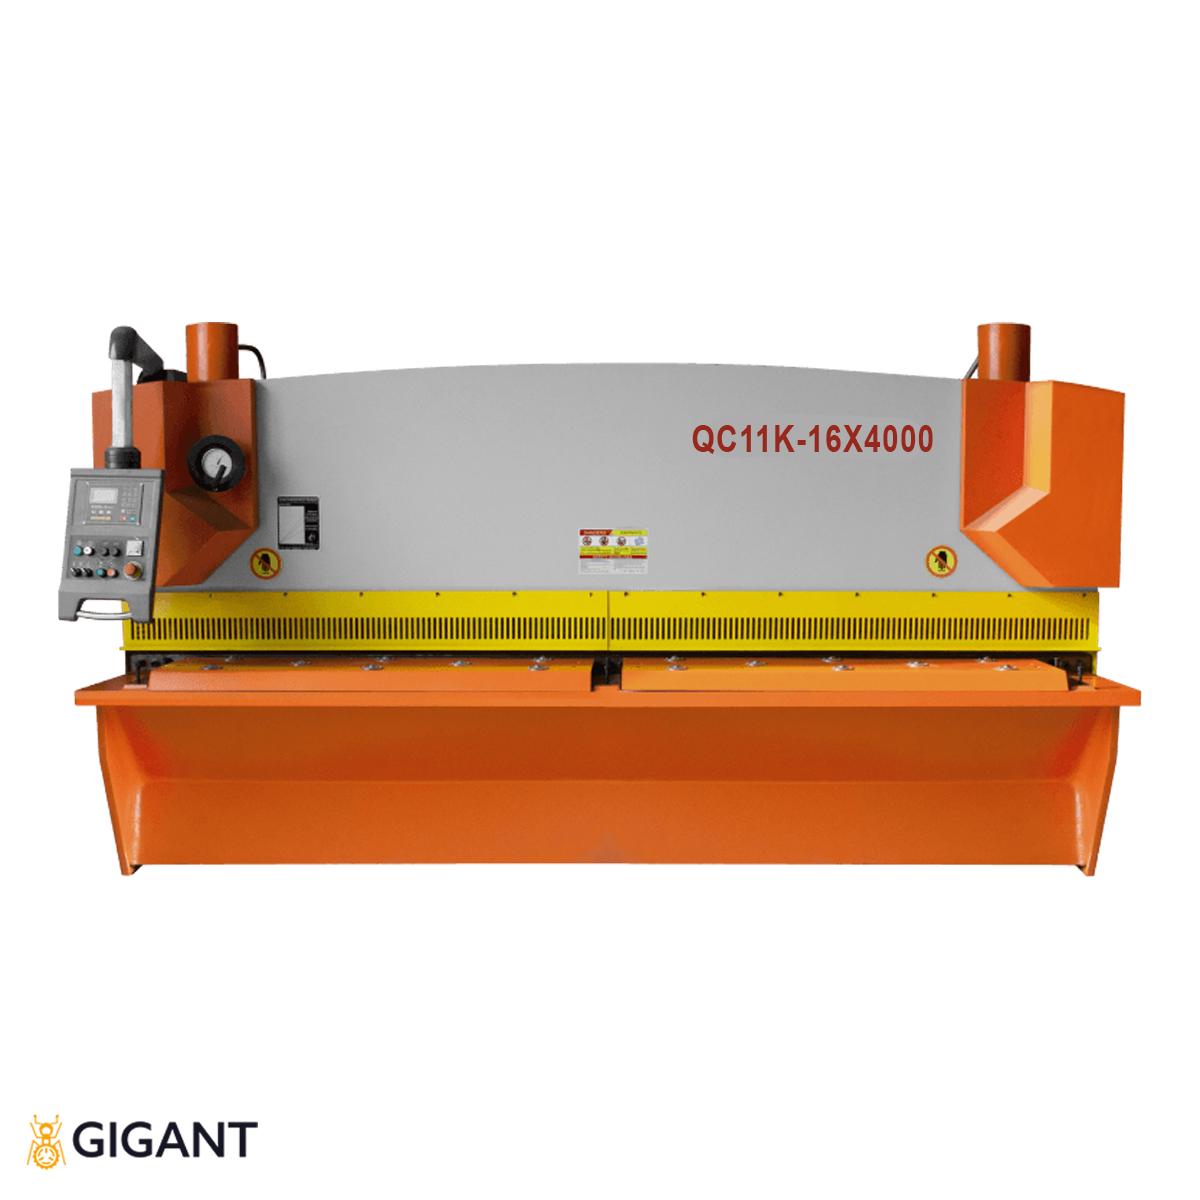 Гильотина гидравлическая STALEX QC11K-16x4000